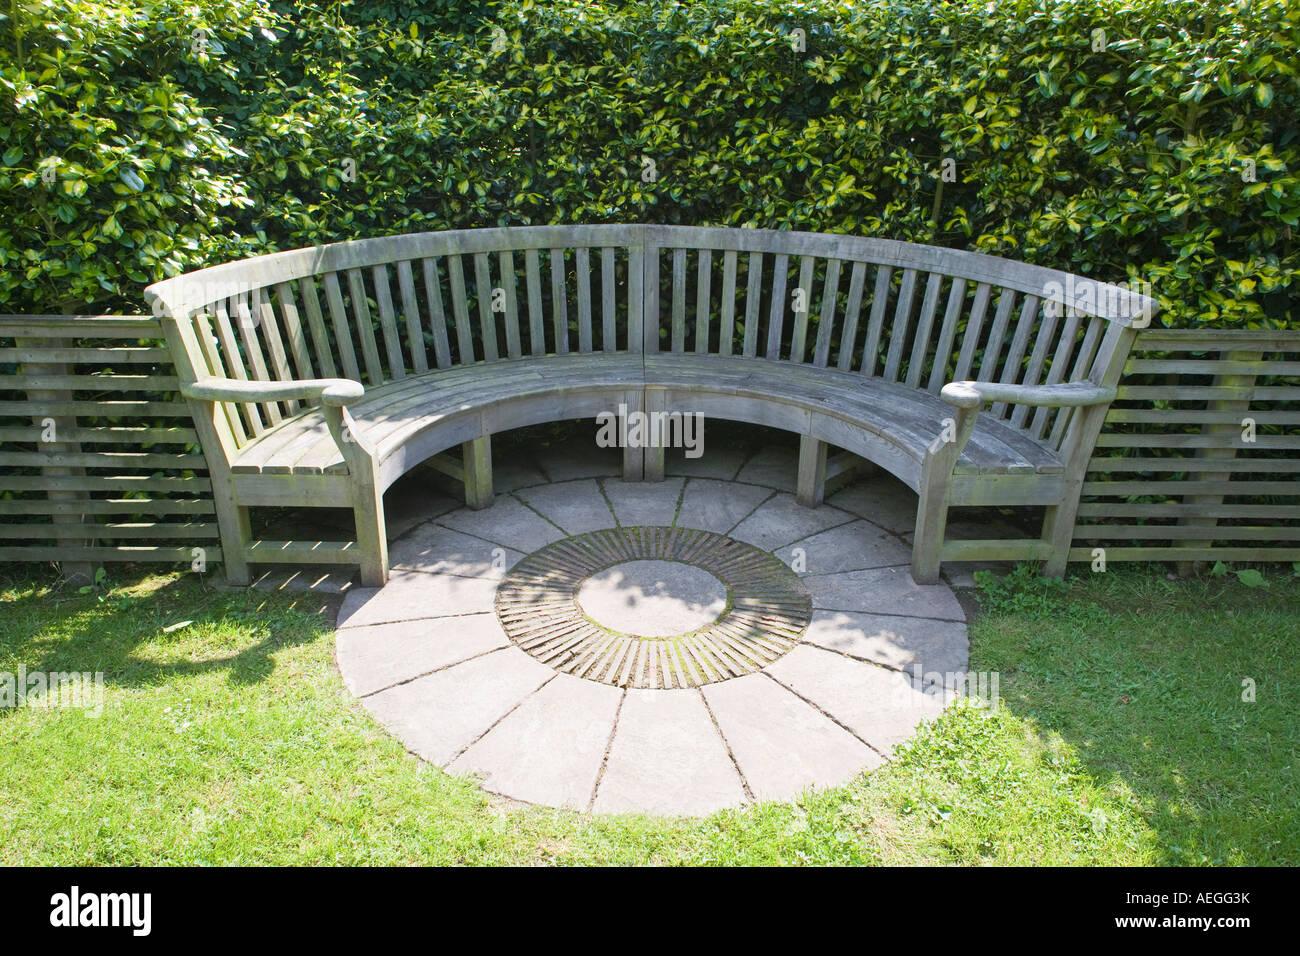 Sensational Wooden Circular Garden Bench Stock Photos Wooden Circular Pdpeps Interior Chair Design Pdpepsorg